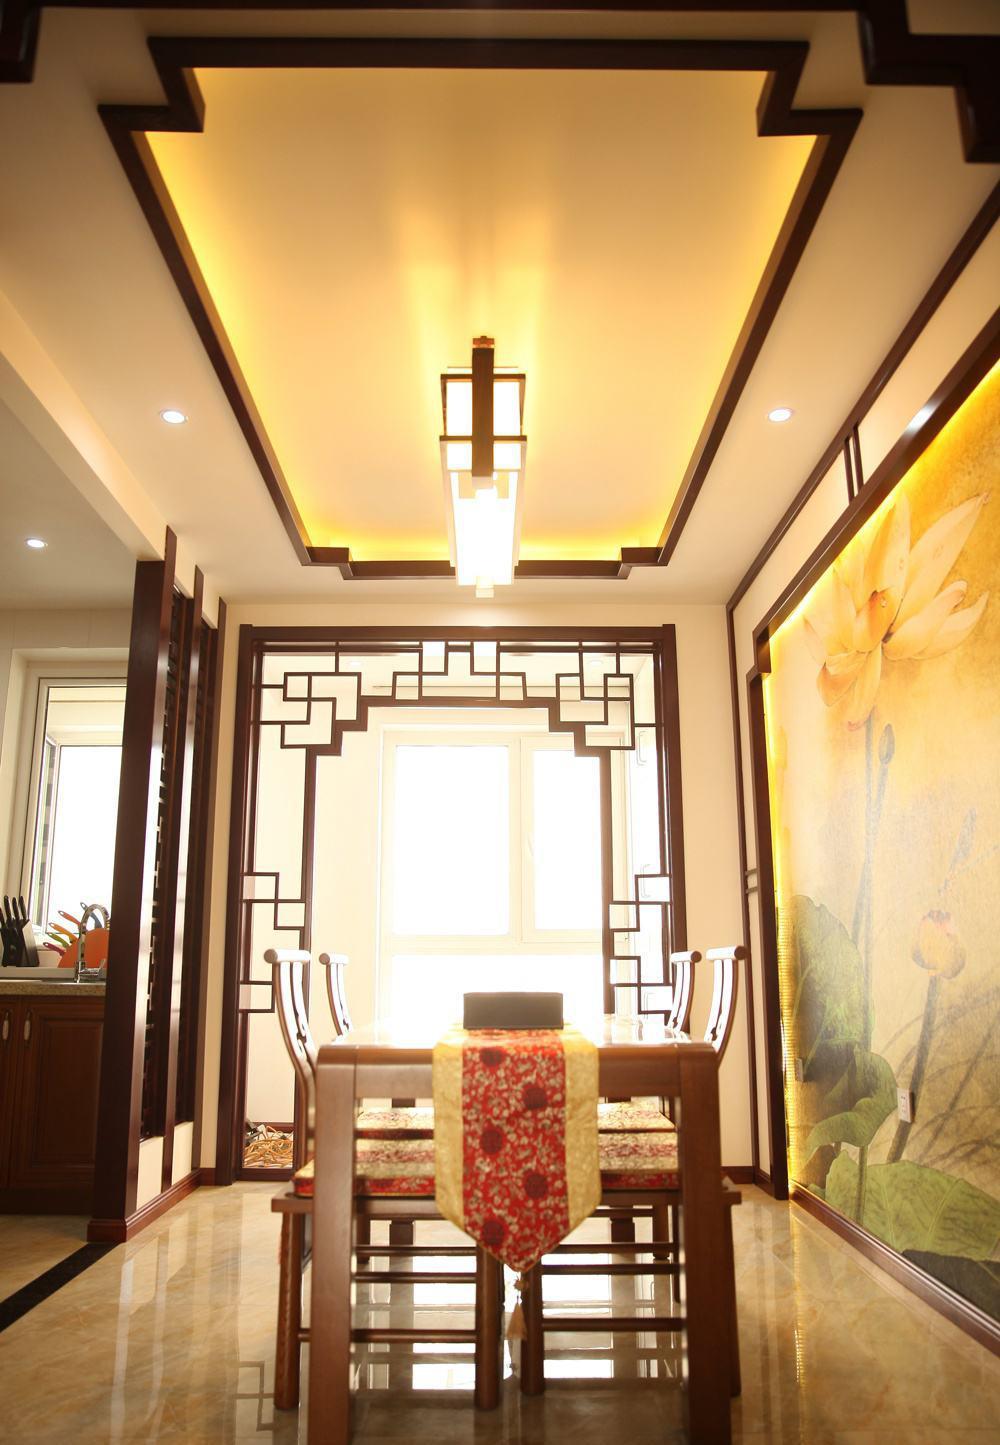 中式风格餐厅吊顶装修效果图大全图片